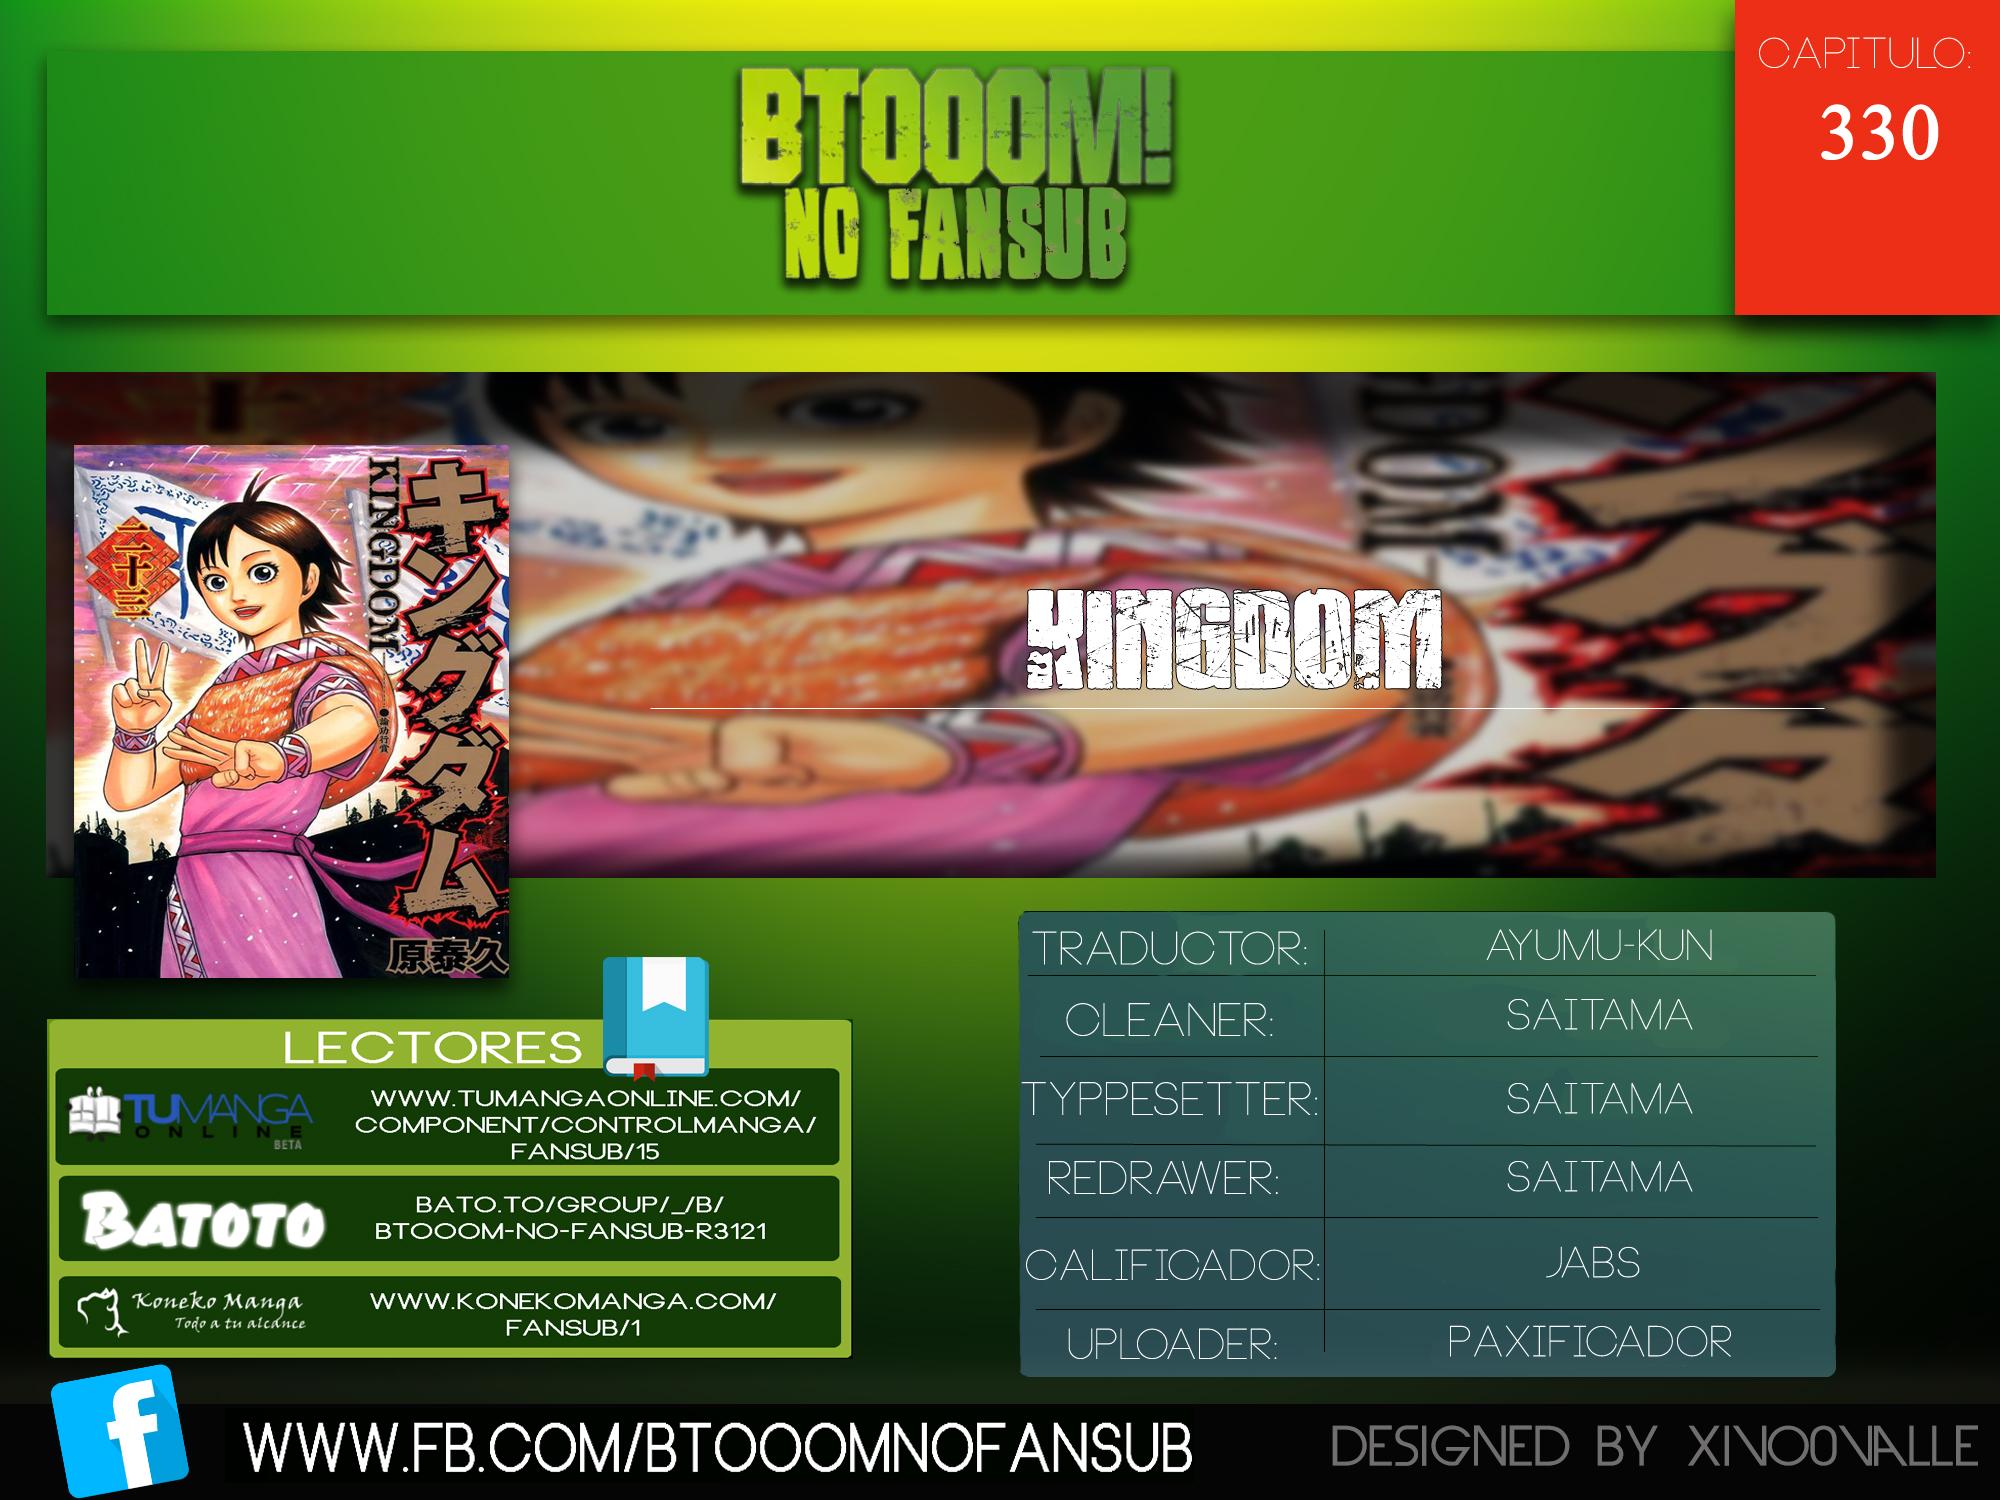 http://c5.ninemanga.com/es_manga/19/12307/360913/a7bc8feff524e702679dd8df6f95e932.jpg Page 1